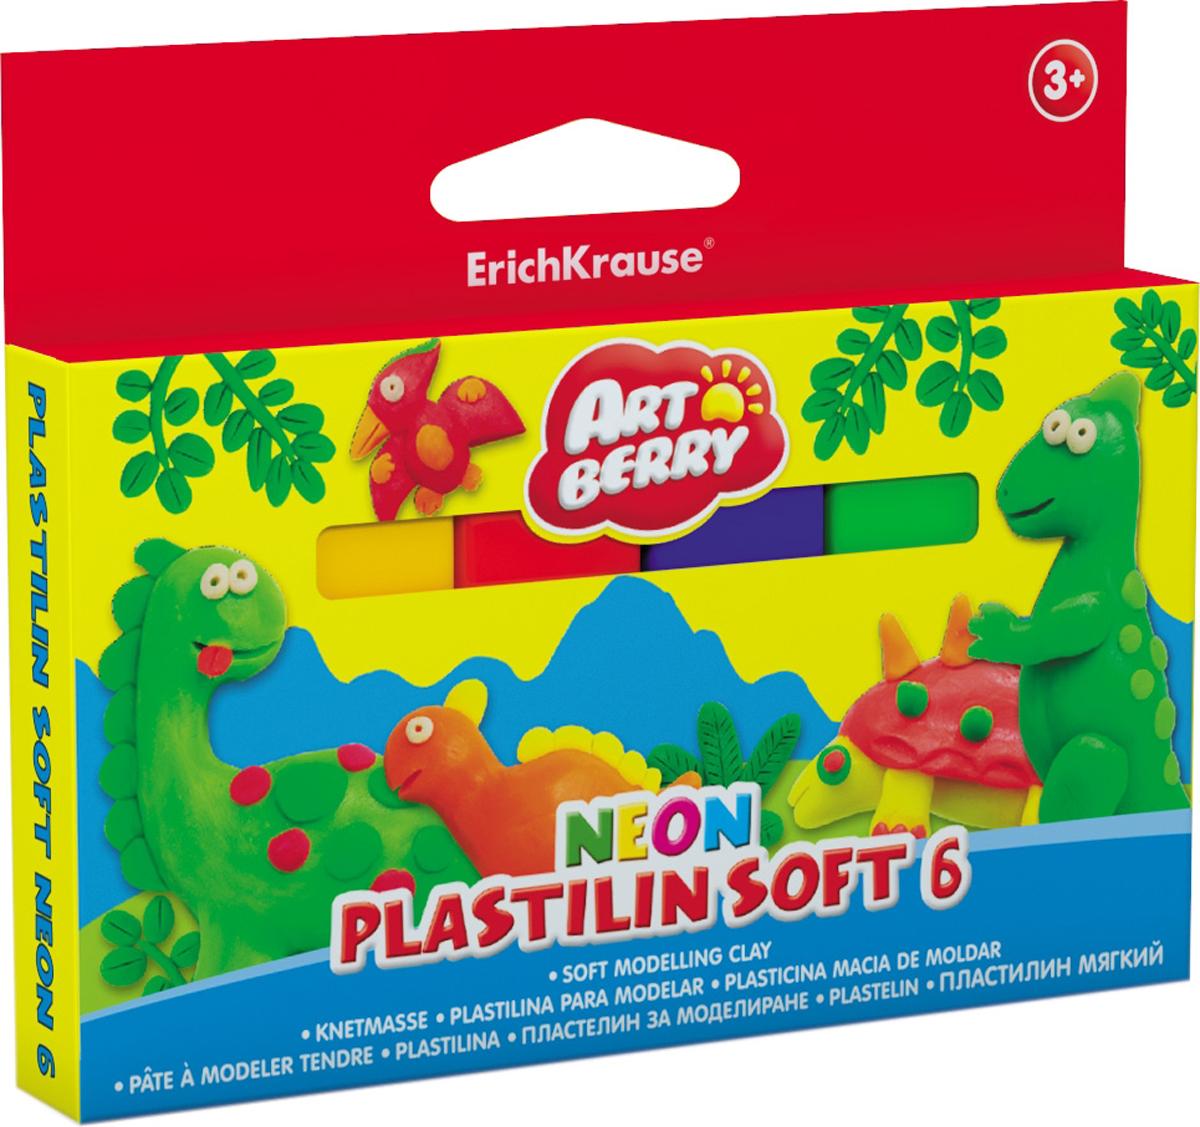 Erich Krause Пластилин мягкий Art Berry Neon 6 цветов 3898738987Пластилин ArtBerry с Алоэ Вера станет прекрасным подарком для вашего ребенка. Мягкий пластилин изготовлен полностью из экологический материалов. Алоэ Вера и вазелиновое масло, входящие в состав пластилина, обладают бактерицидными свойствами и увлажняющим эффектом. Мягкий пластилин легко разминается руками, поэтому им будет удобно изготавливать даже самые маленькие предметы. Не застывает на воздухе. Основу мягкого пластилина составляет кукурузный крахмал высокого качества, без содержания глютена. В упаковке 6 видов пластилина разных неоновых цветов, которые светятся под действием ультрафиолетовой лампы.